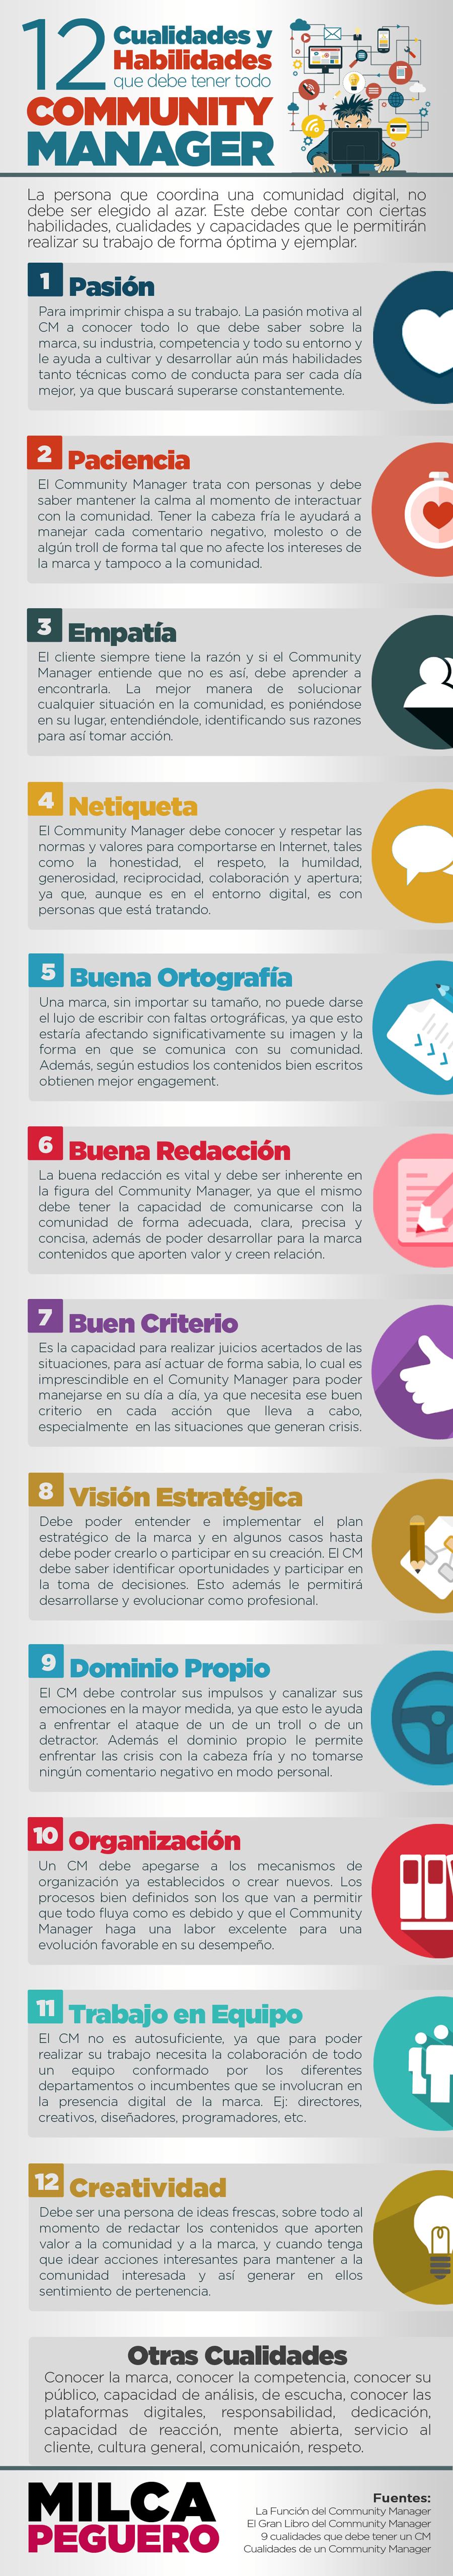 Infografia - 12 cualidades y habilidades de todo Community Manager #infografia #socialmedia - TICs y Formación